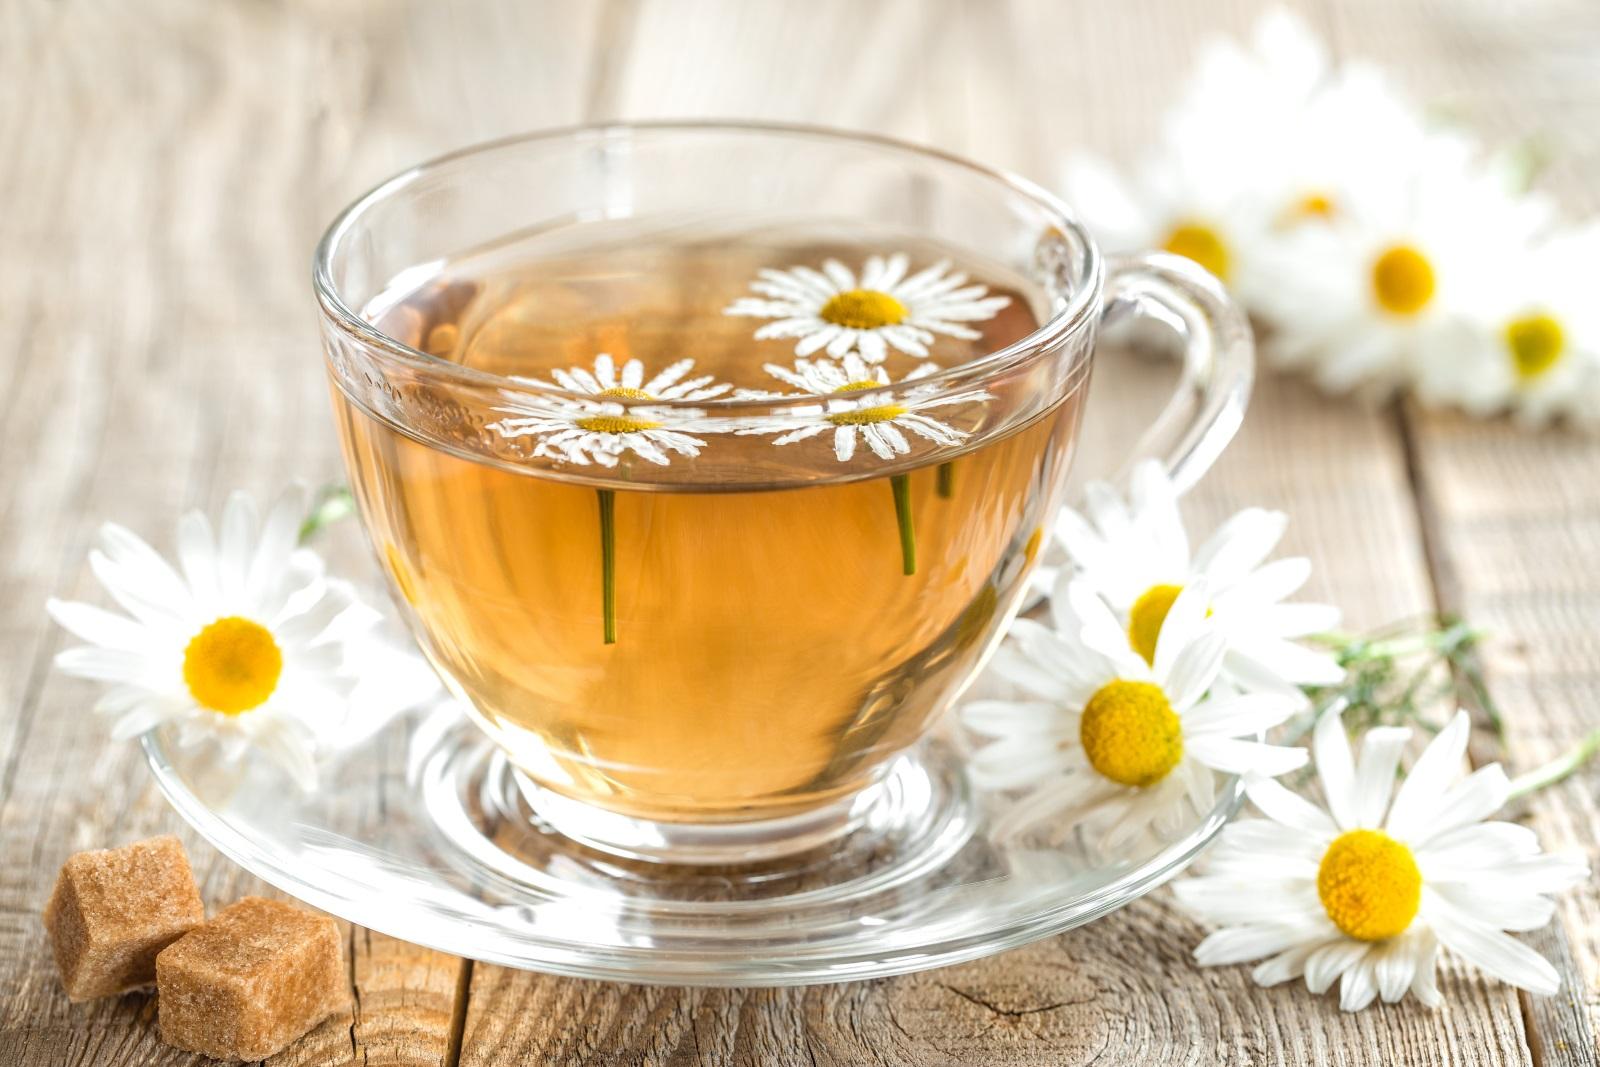 Билков чай<br /> <br /> Няма съмнение, че чаят има редица полезни свойства и невероятни ползи за здравето: изгаря мазнини, предоставя антиоксидантна защита срещу увреждане на ДНК и намалява риска от някои заболявания. Той обаче може да окаже негативно влияние върху зъбите ви. Билковият чай причинява ерозия на емайла за зъба.